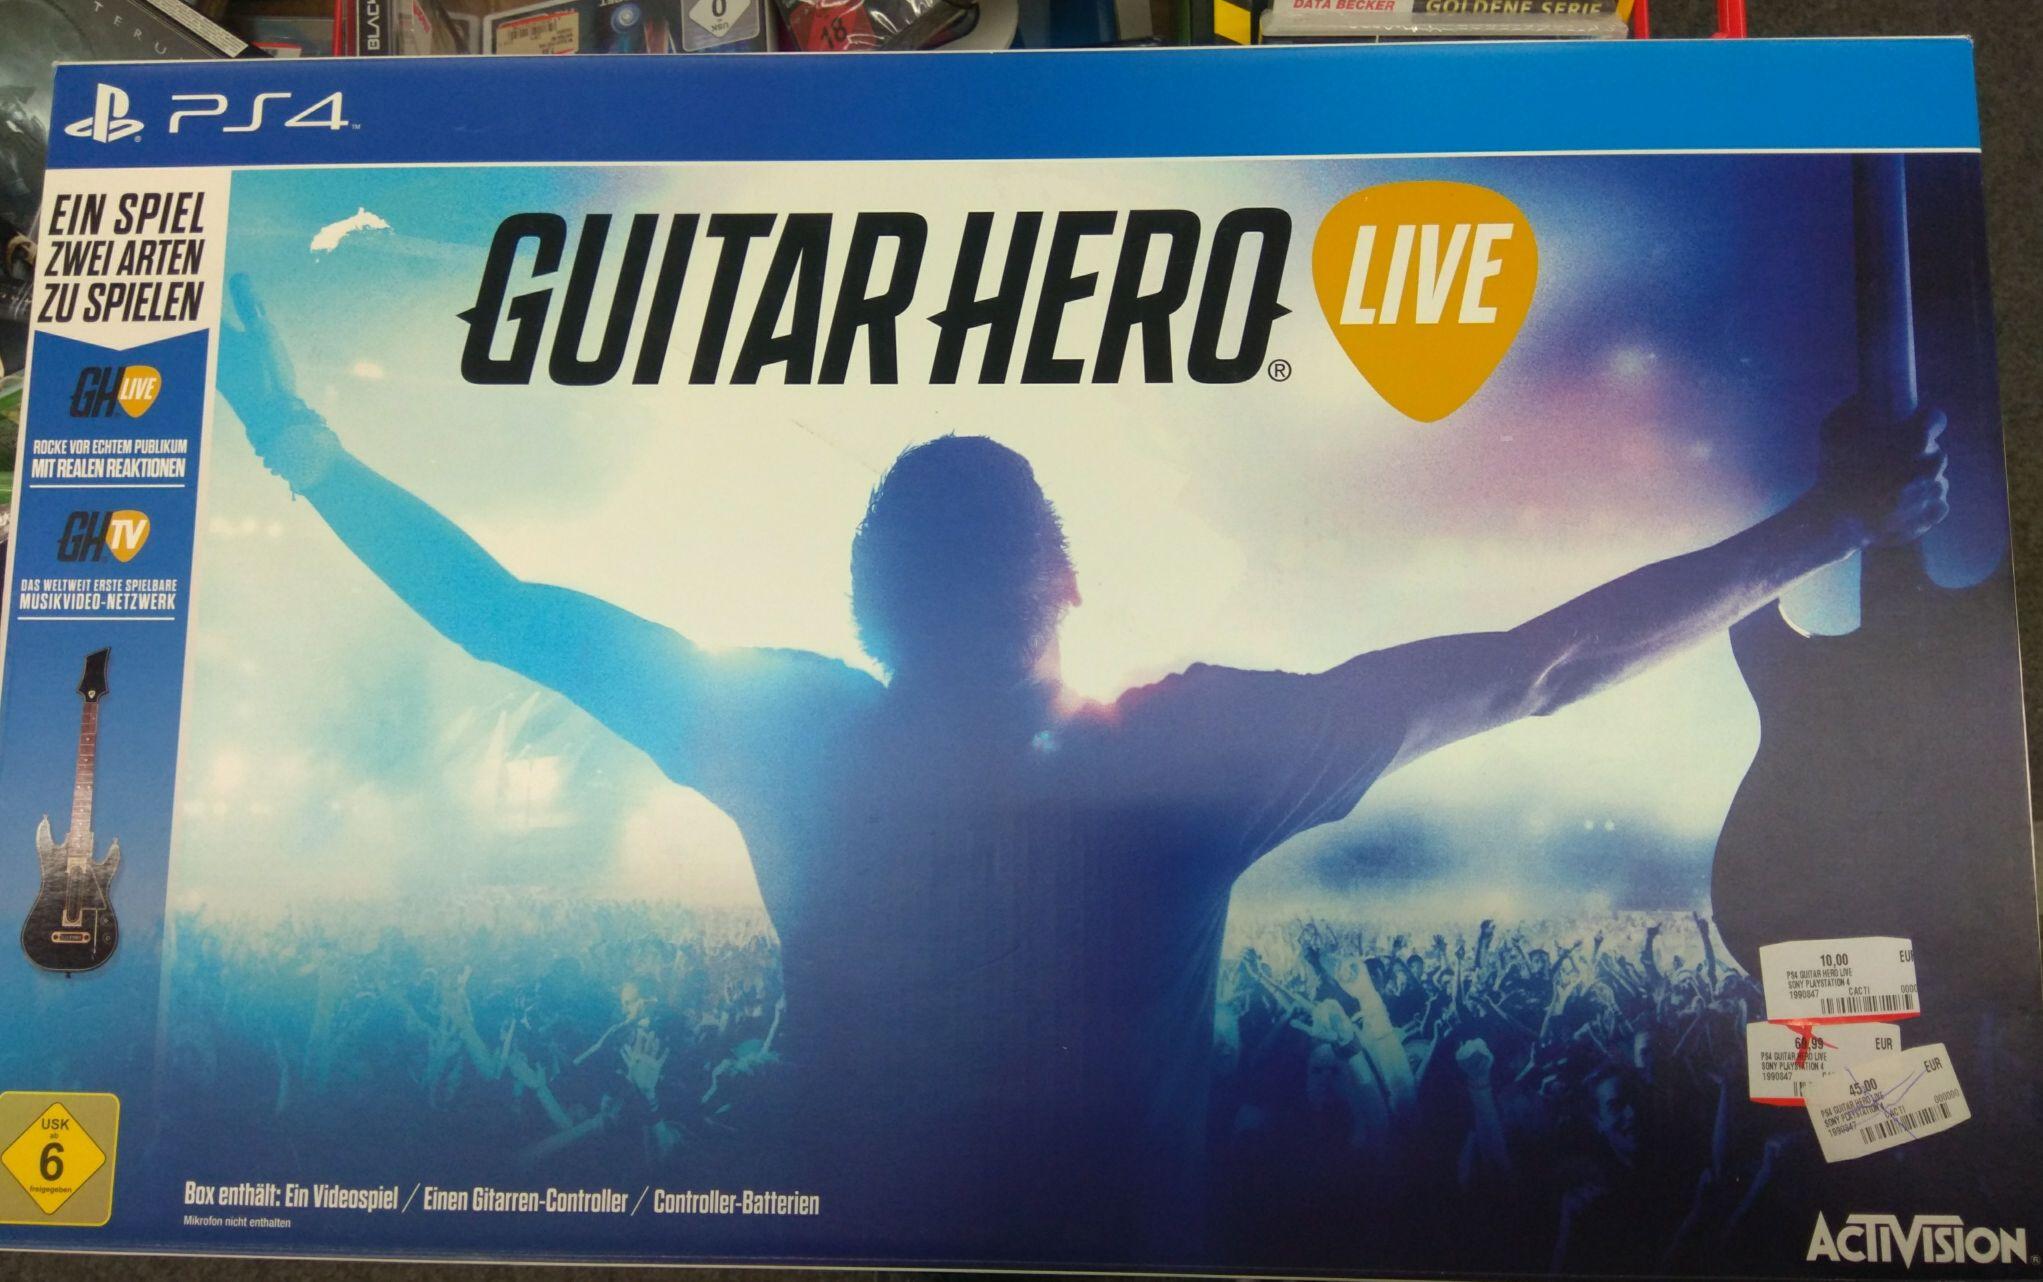 [Mediamarkt][Siegen] Guitar Hero Live PS4 für 10€ (begrenzte Stückzahl)